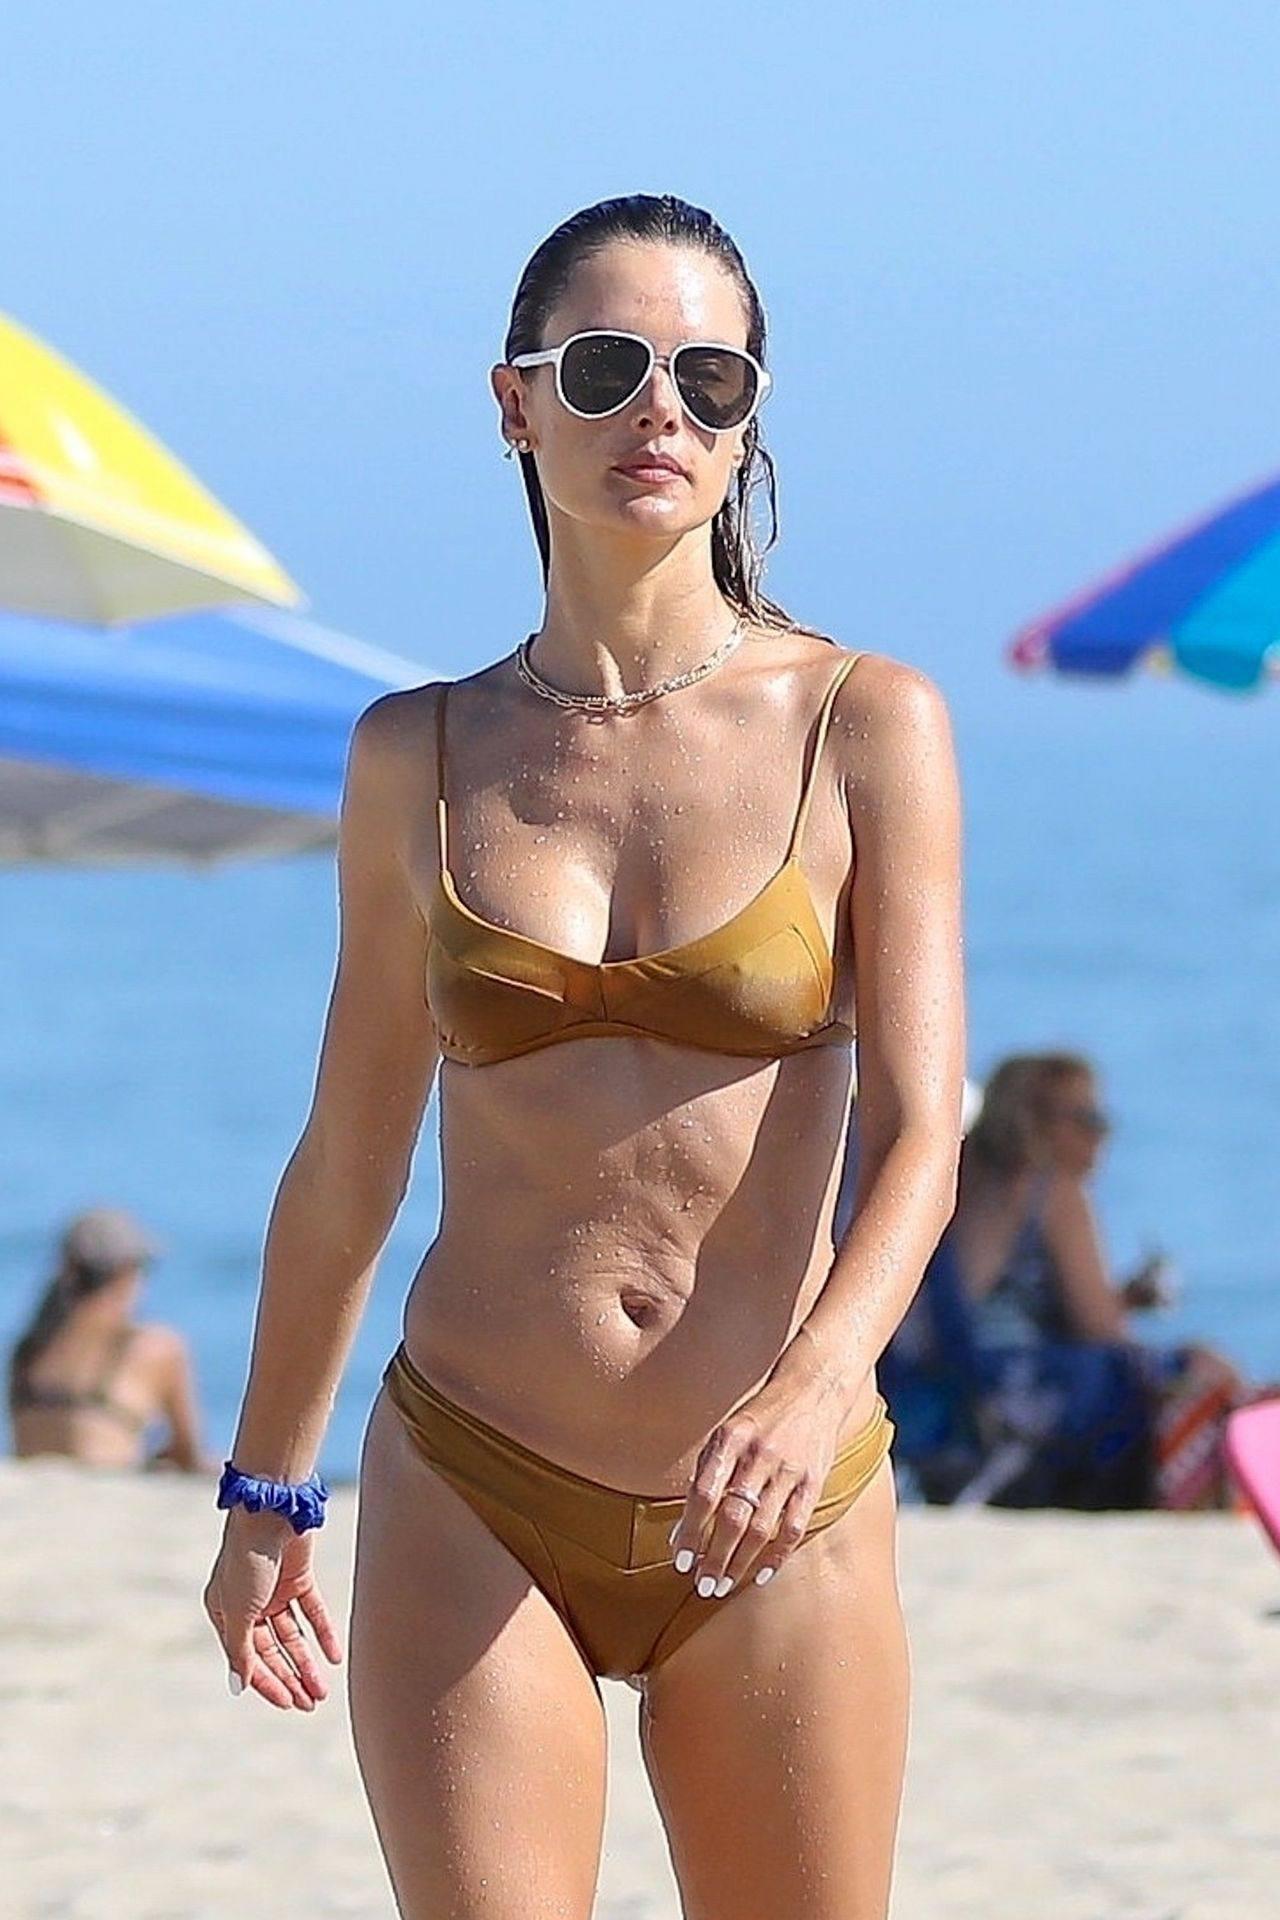 Alessandra Ambrosio Hot Body